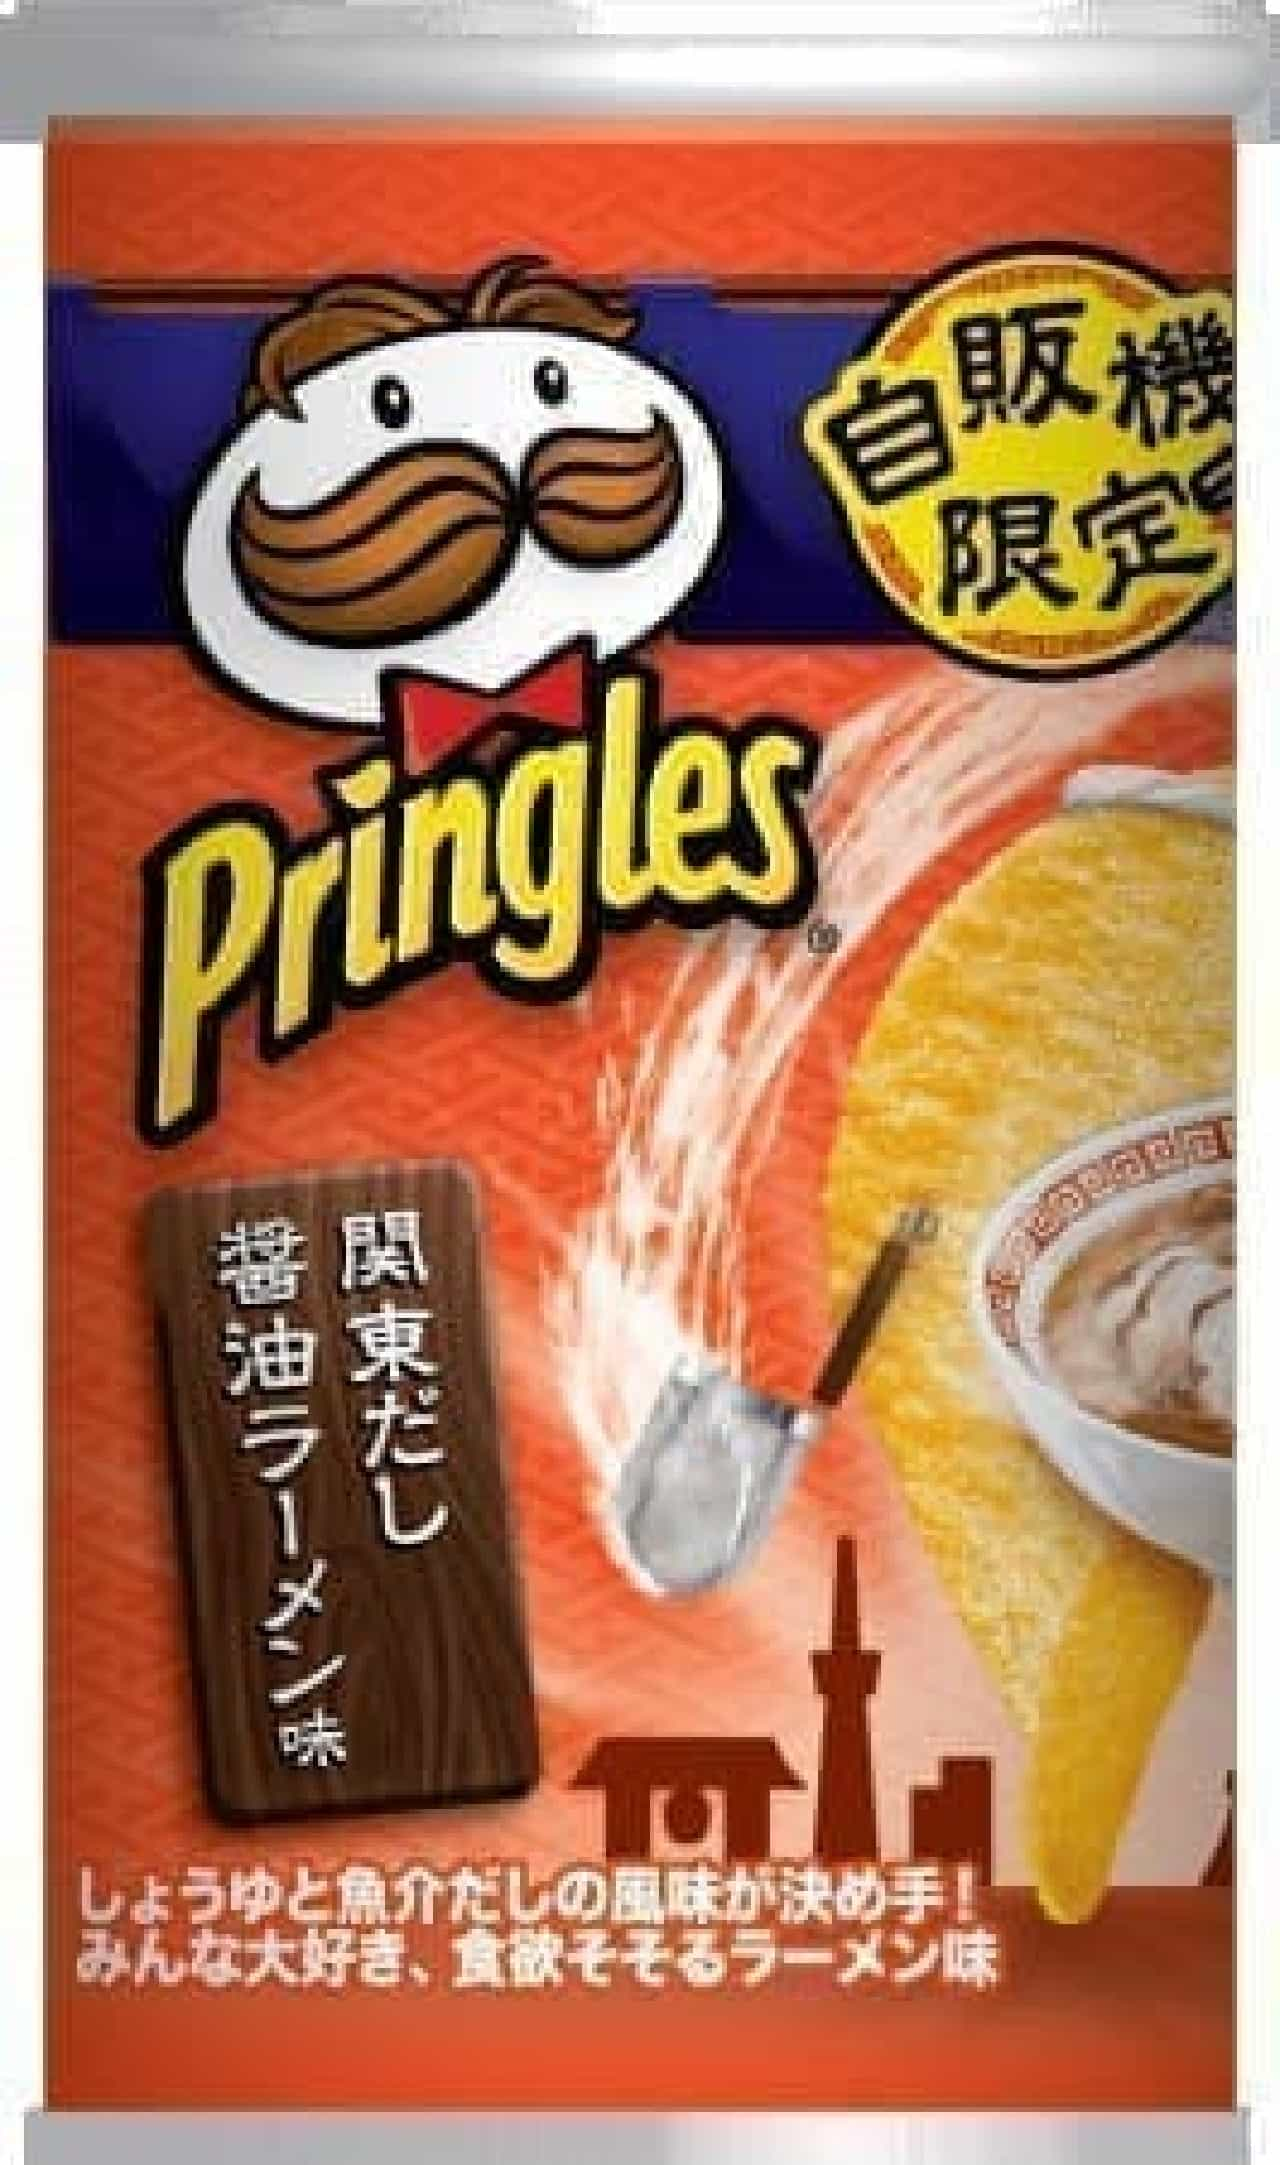 プリングルズ「関東だし醤油ラーメン味」